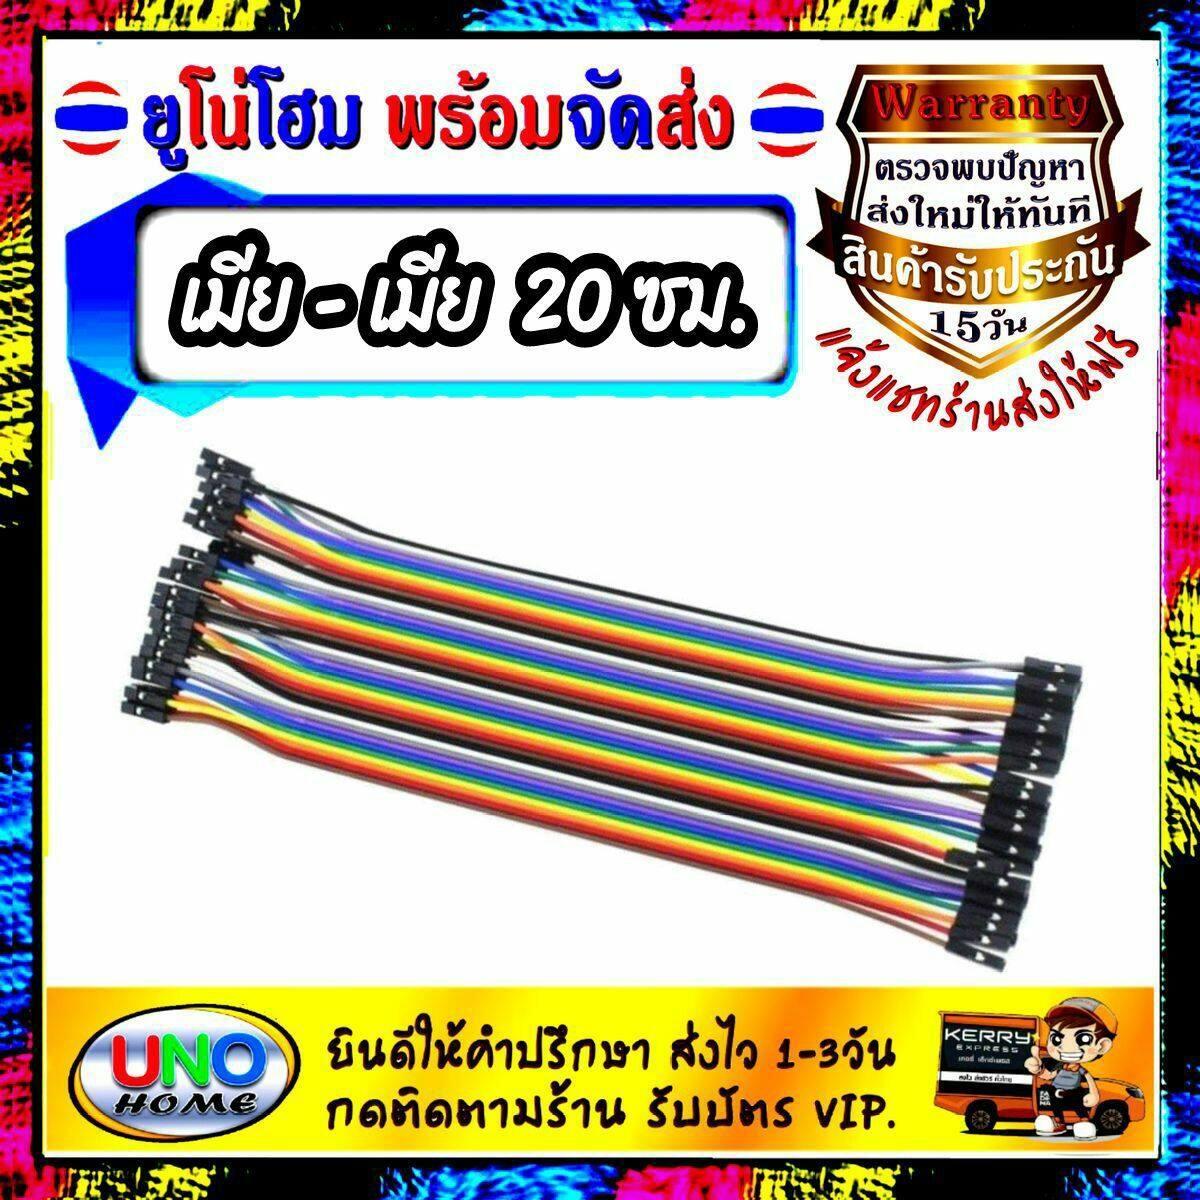 สายจั้มเปอร์ เมีย เมีย 20 ซม 40เส้น./ Jumper Wire Female To Female 20 Cm. Cable Arduino Diy Project สายจั๊มเปอร์ สายจัมเปอร์ สายแพร สายไฟ.